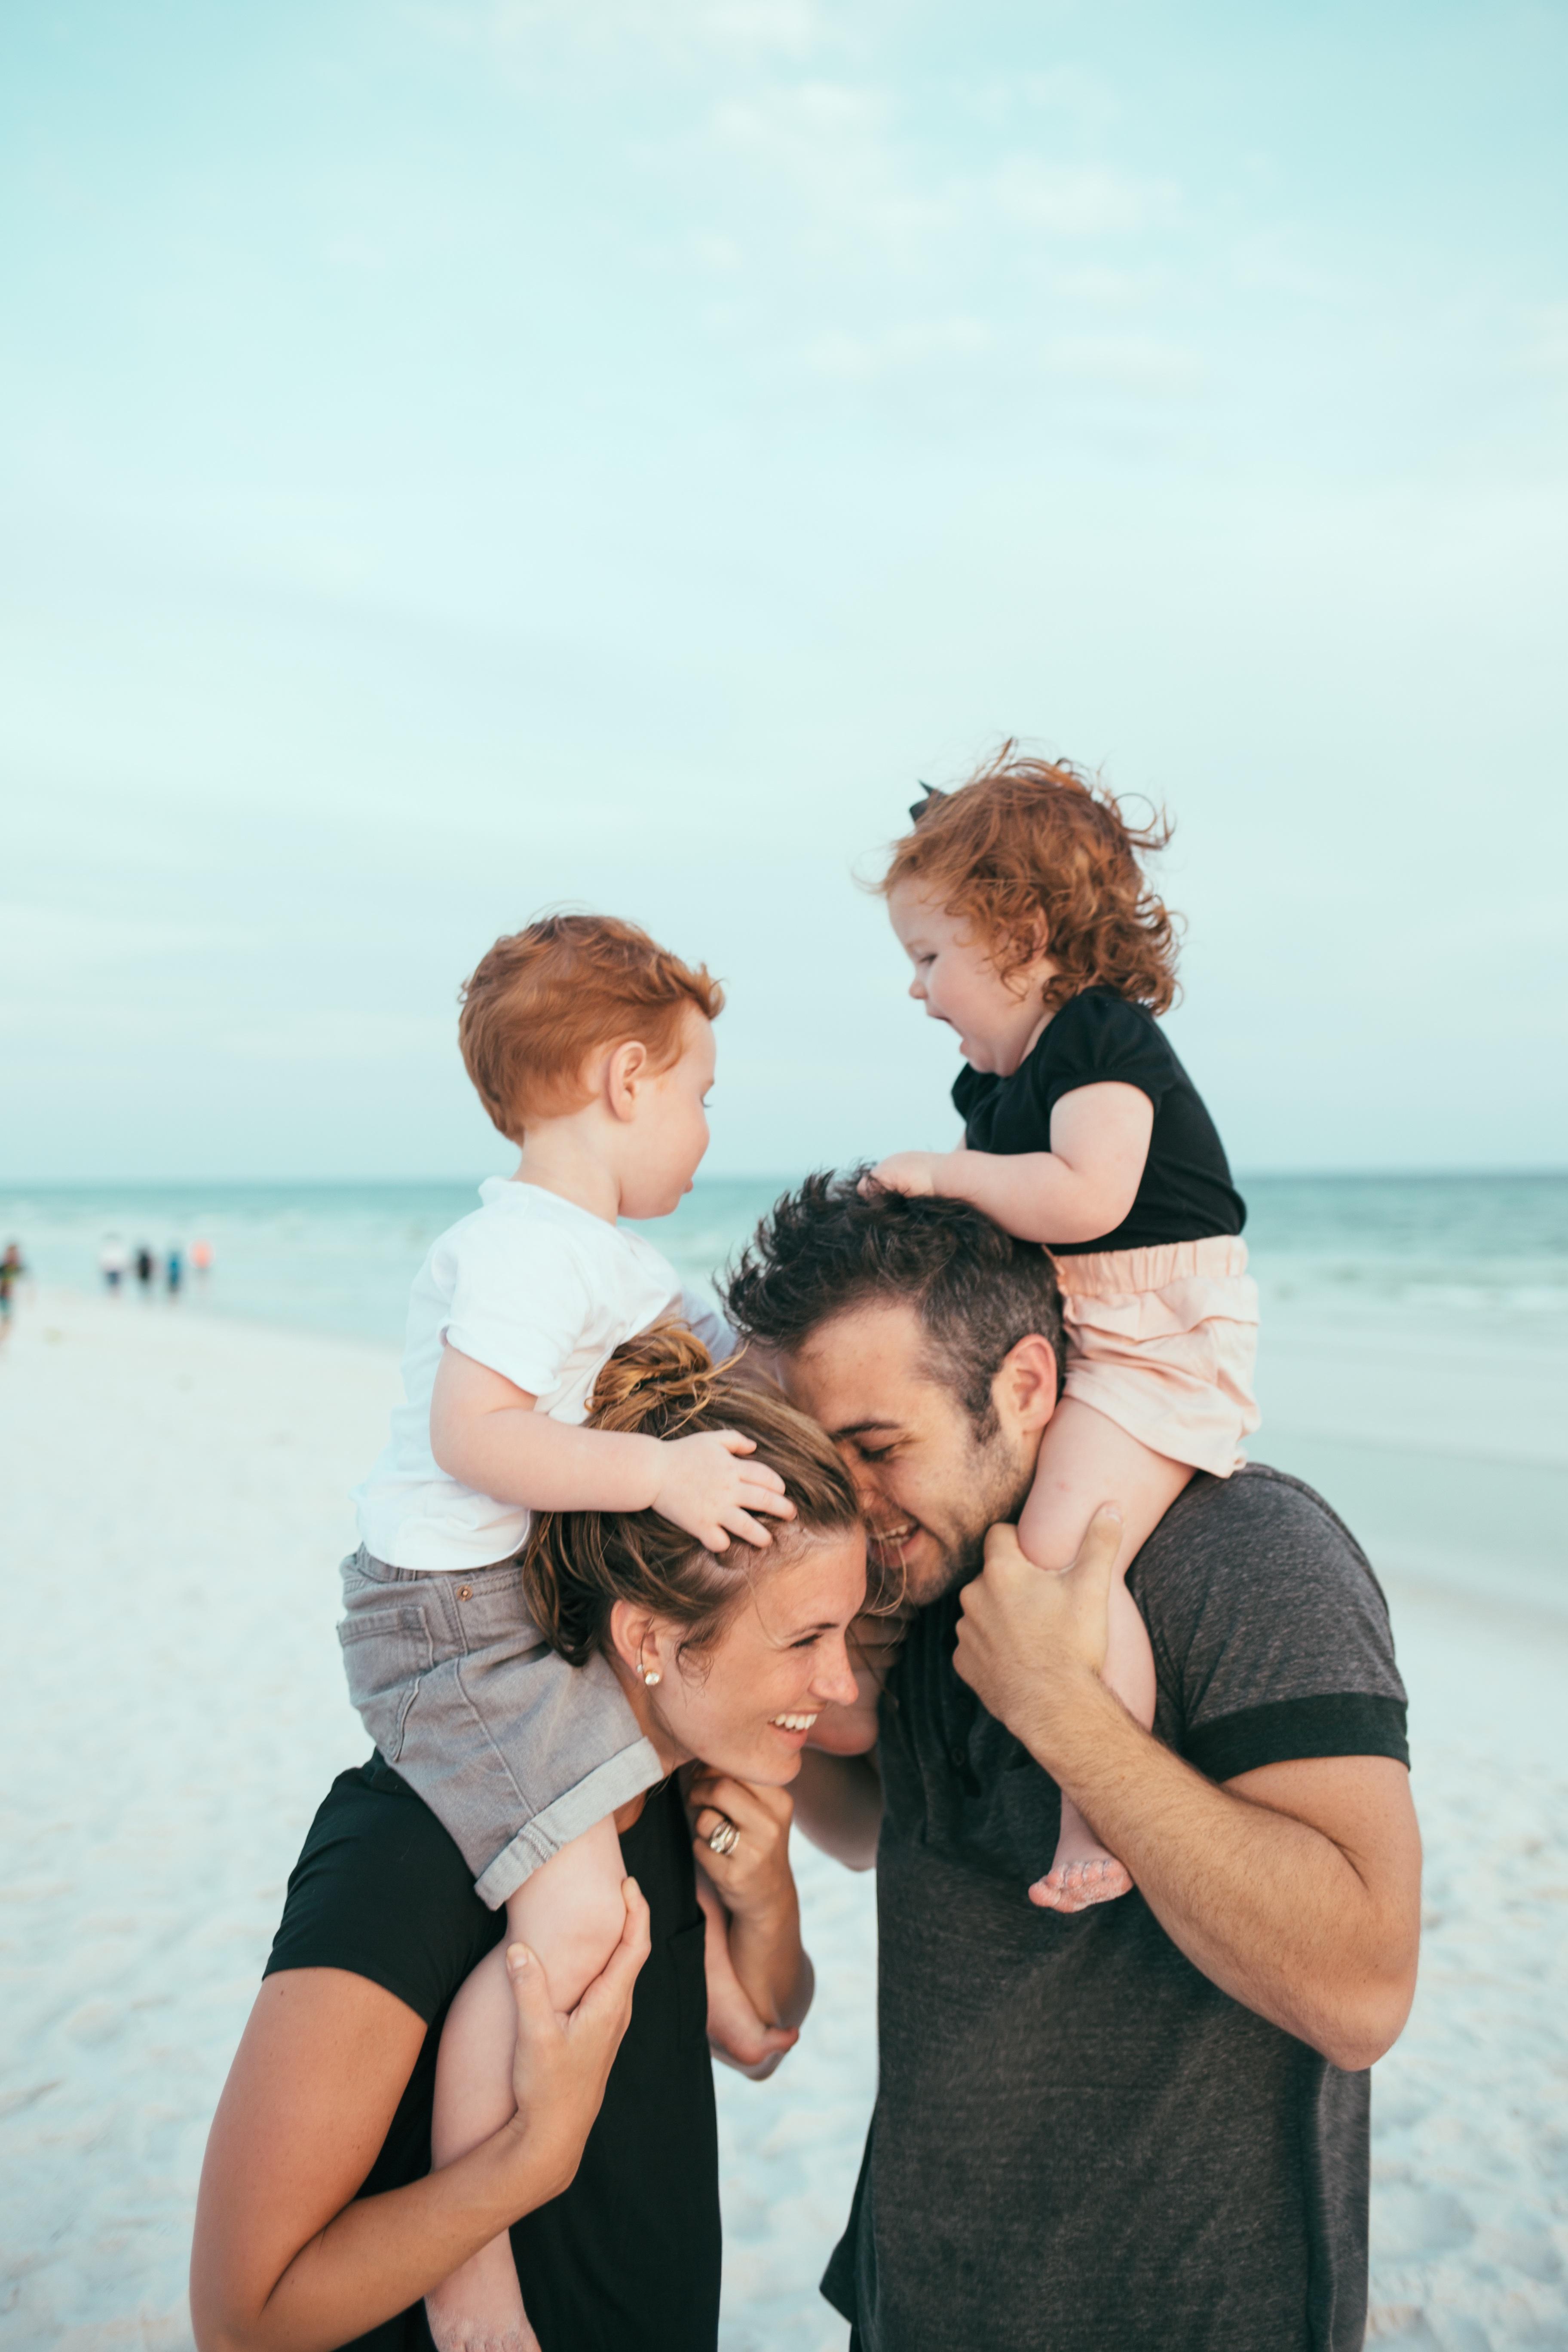 Czy wychowanie dziecka  jest trudne? Tak, w naszych czasach